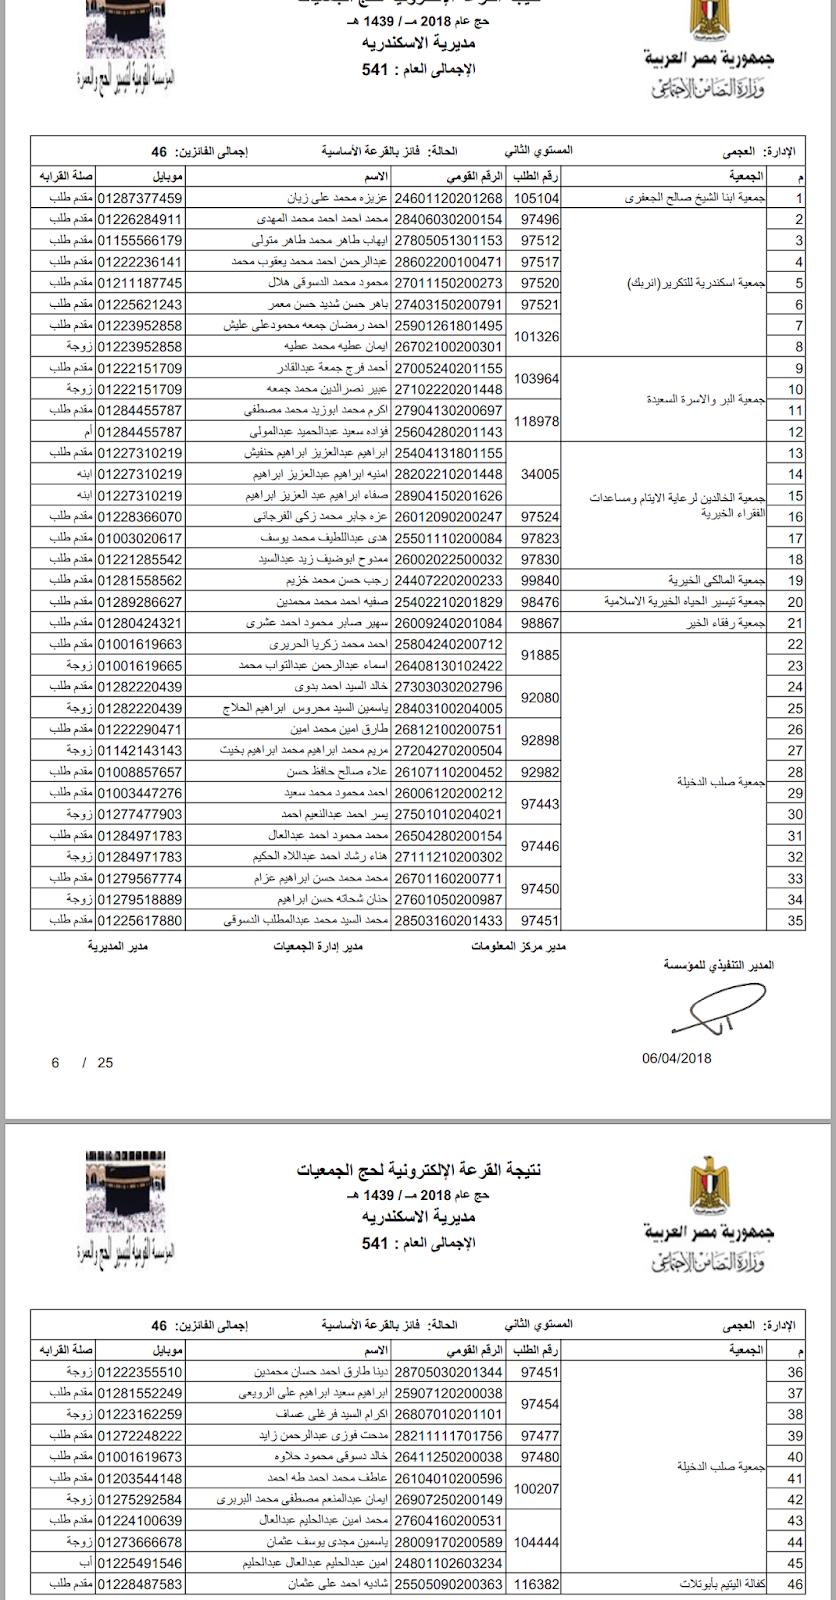 أسماء الفائزين فى قرعة حج الجمعيات الأهلية محافظة الاسكندرية 2018